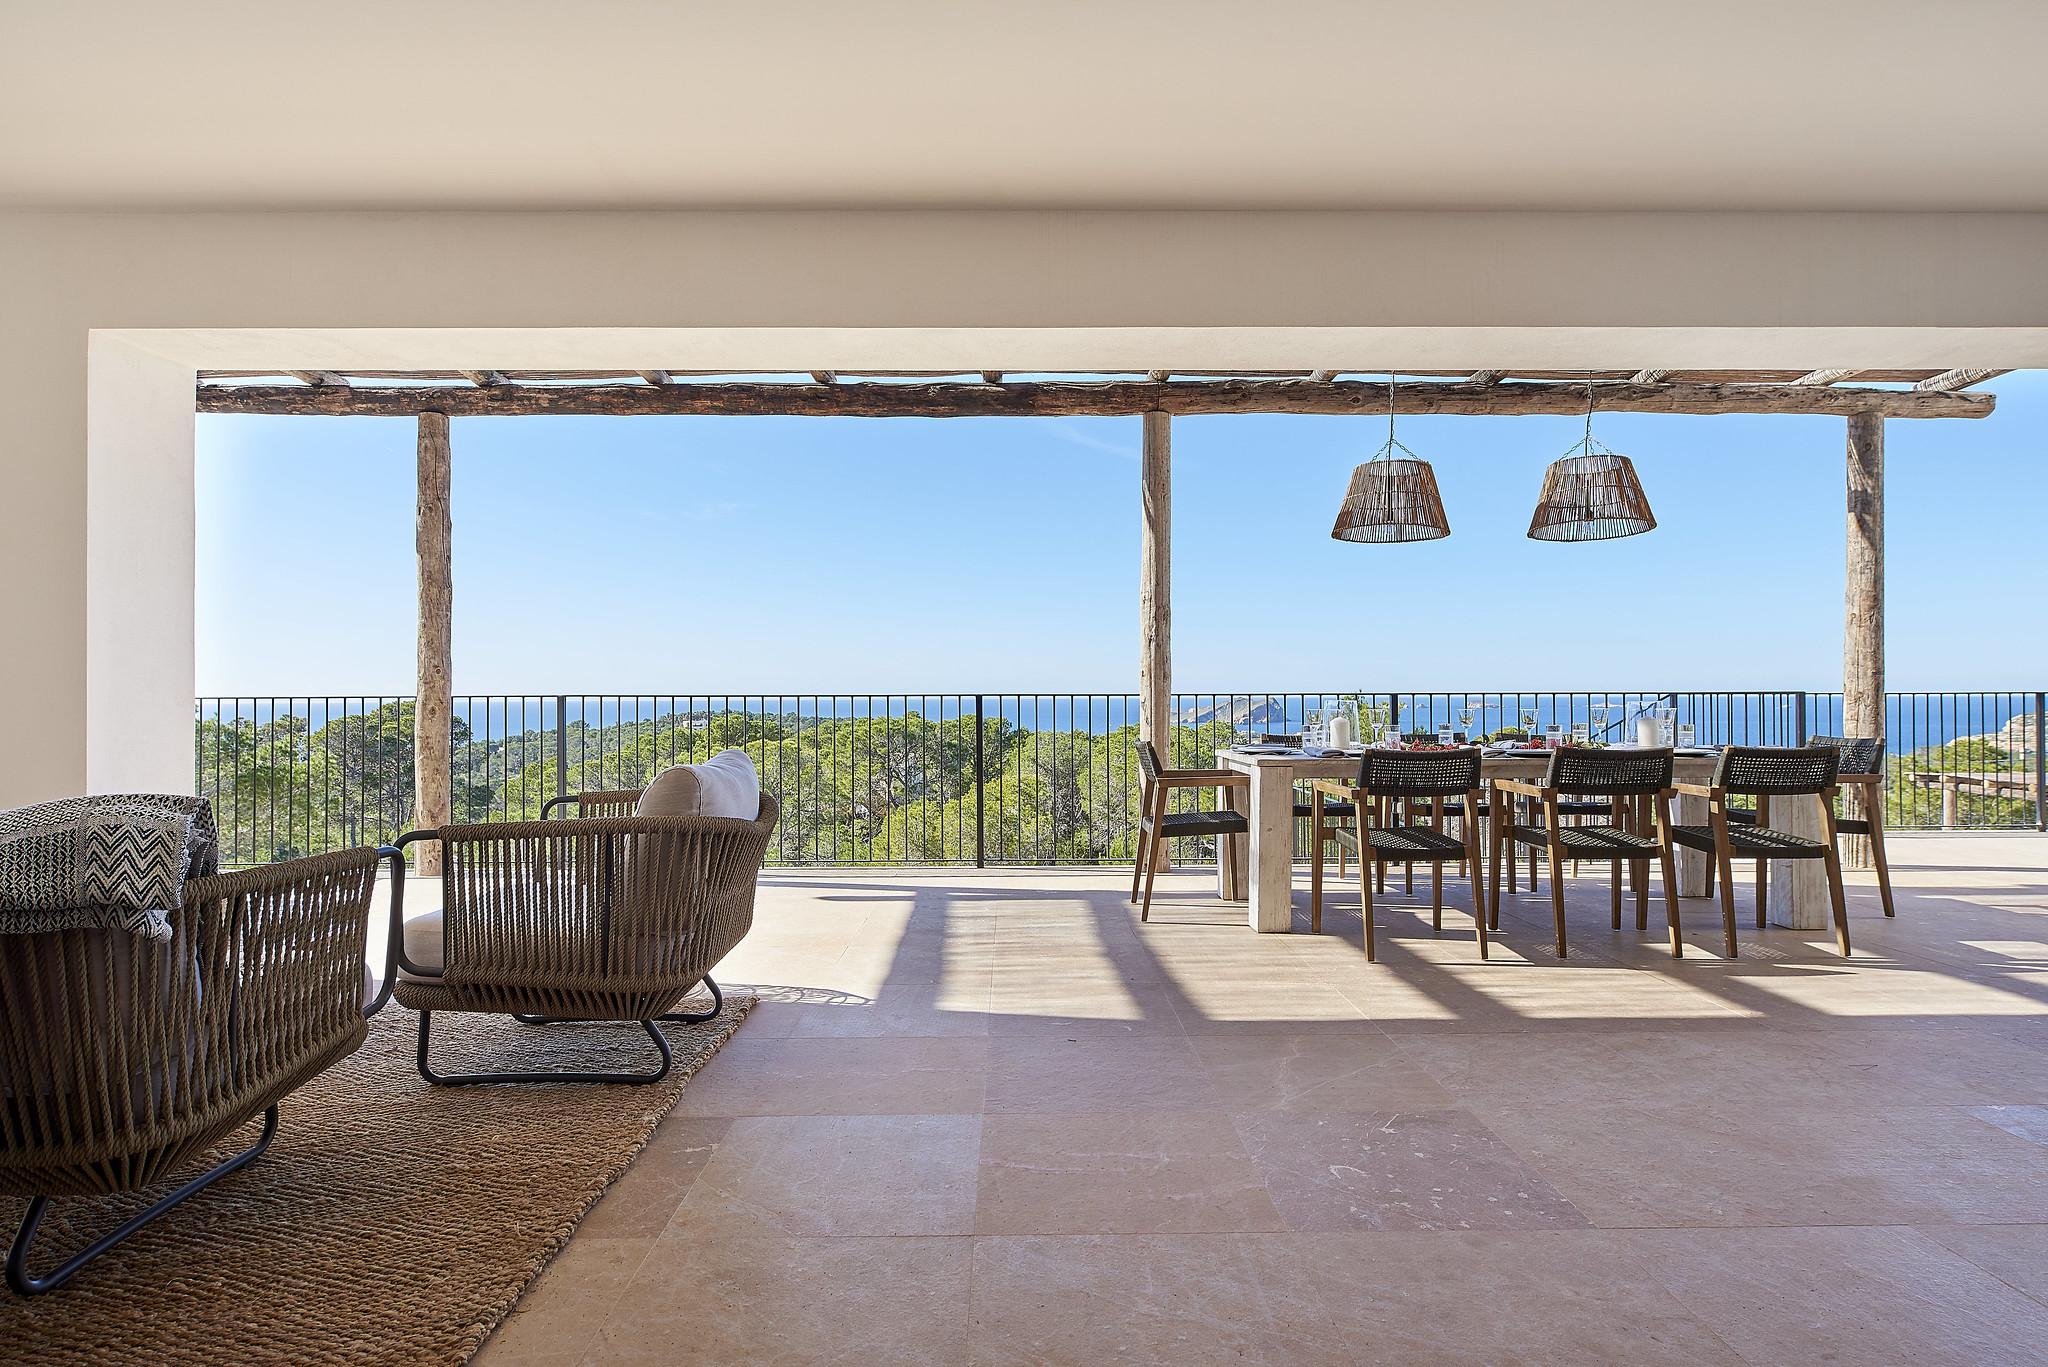 https://www.white-ibiza.com/wp-content/uploads/2020/06/white-ibiza-villas-sa-serra-interior-view-to-outside.jpg